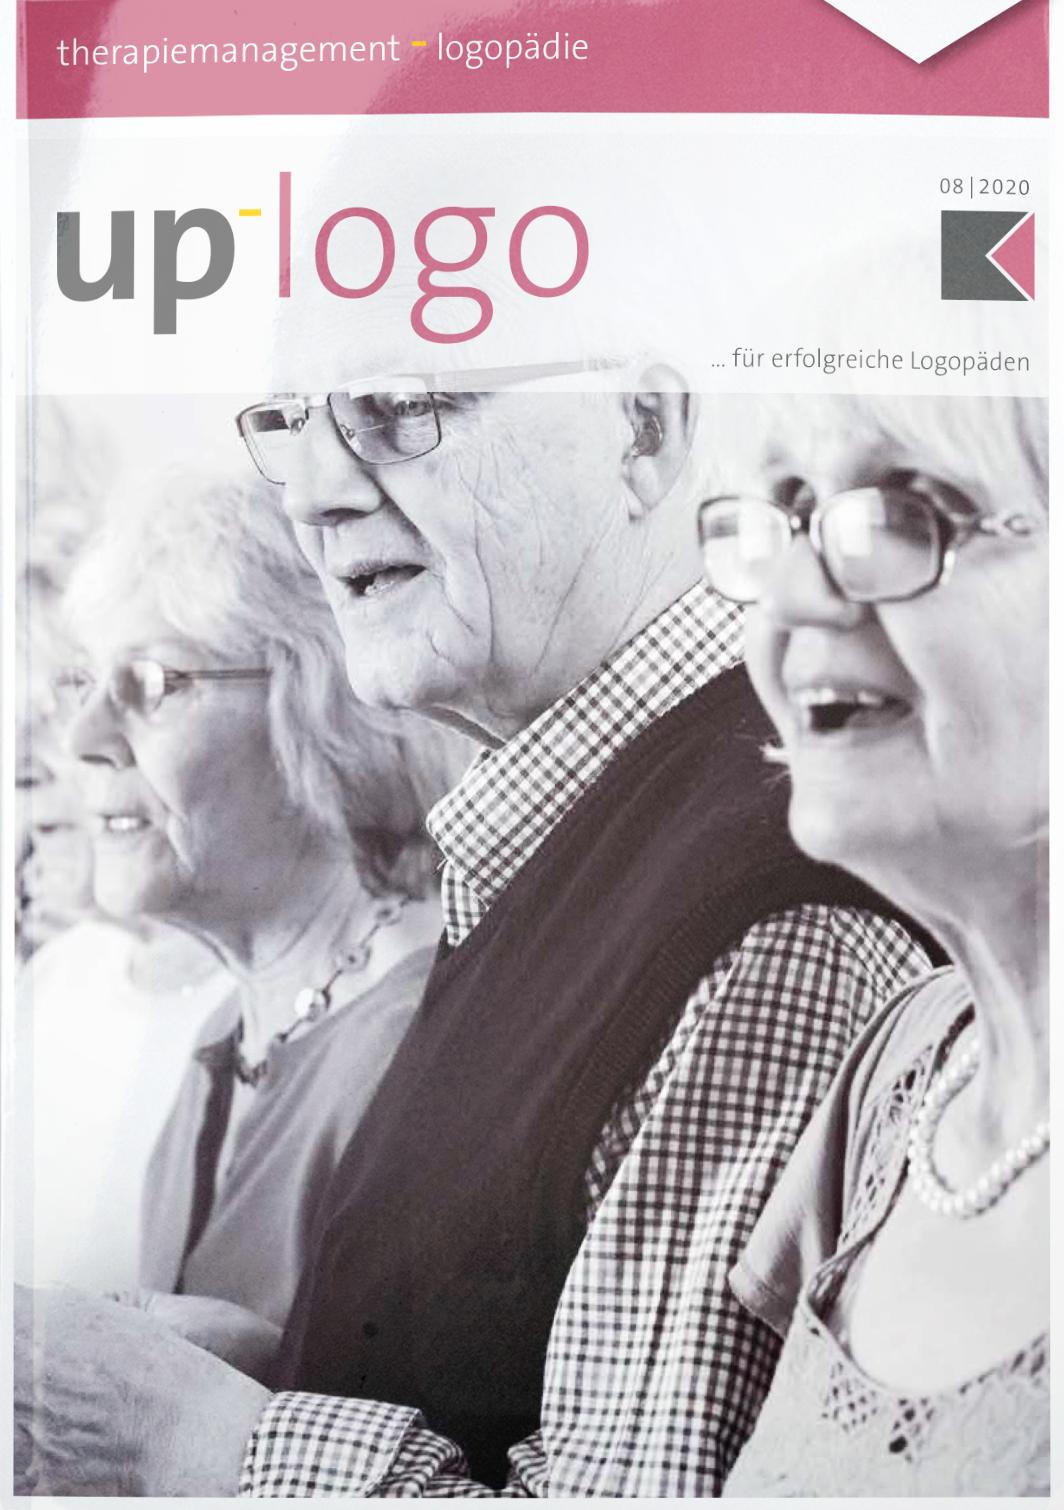 up_logo 08/2020